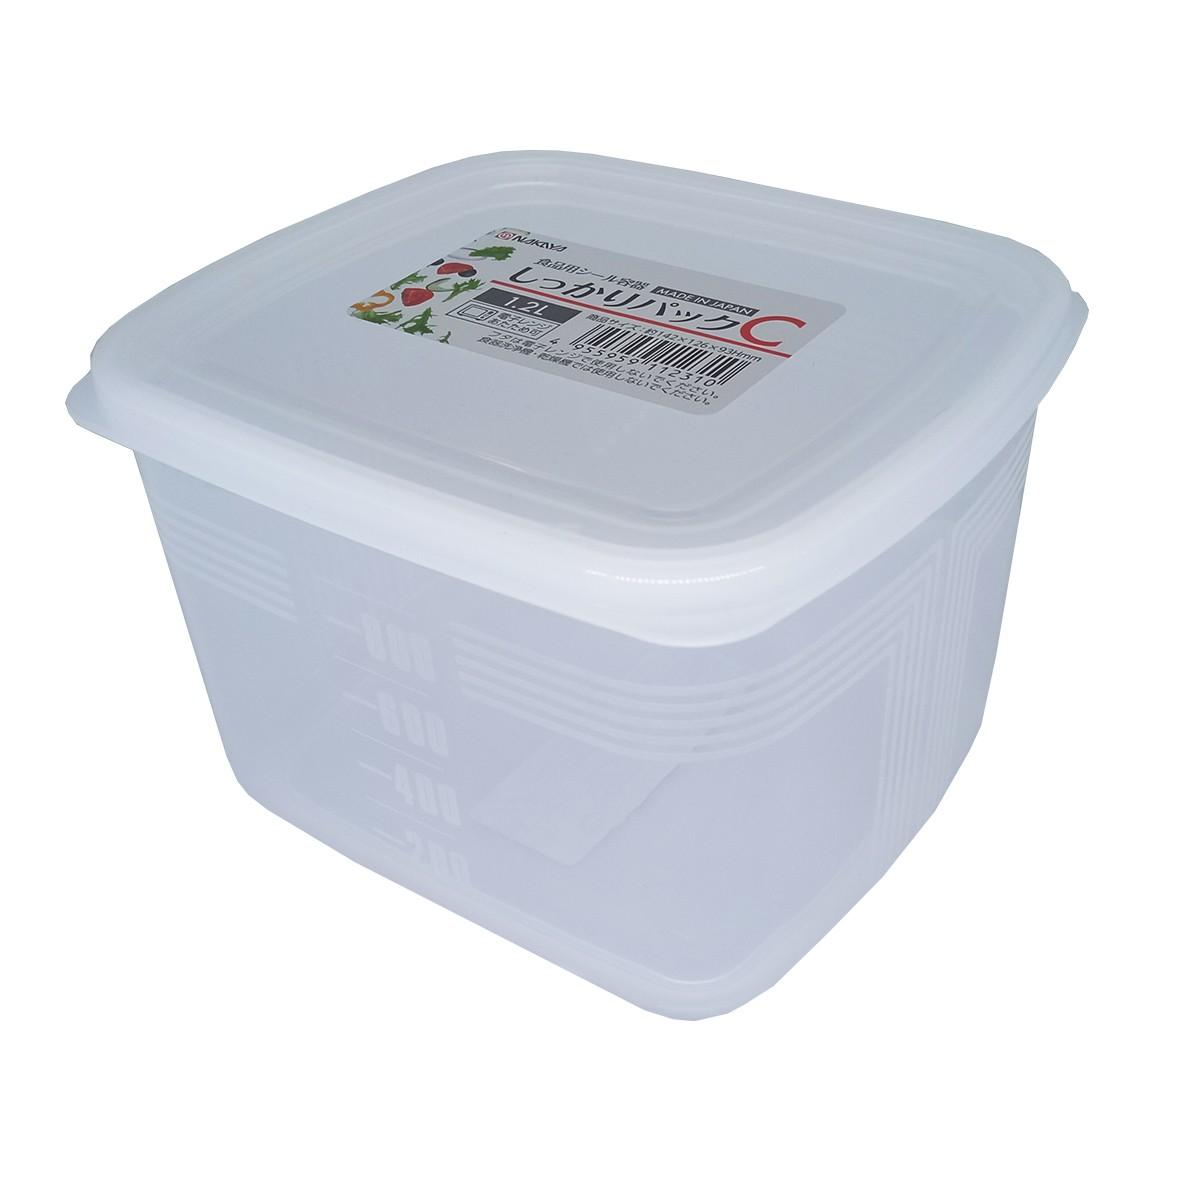 Pote Plástico 1,2L Mod. C K-123 - Nakaya